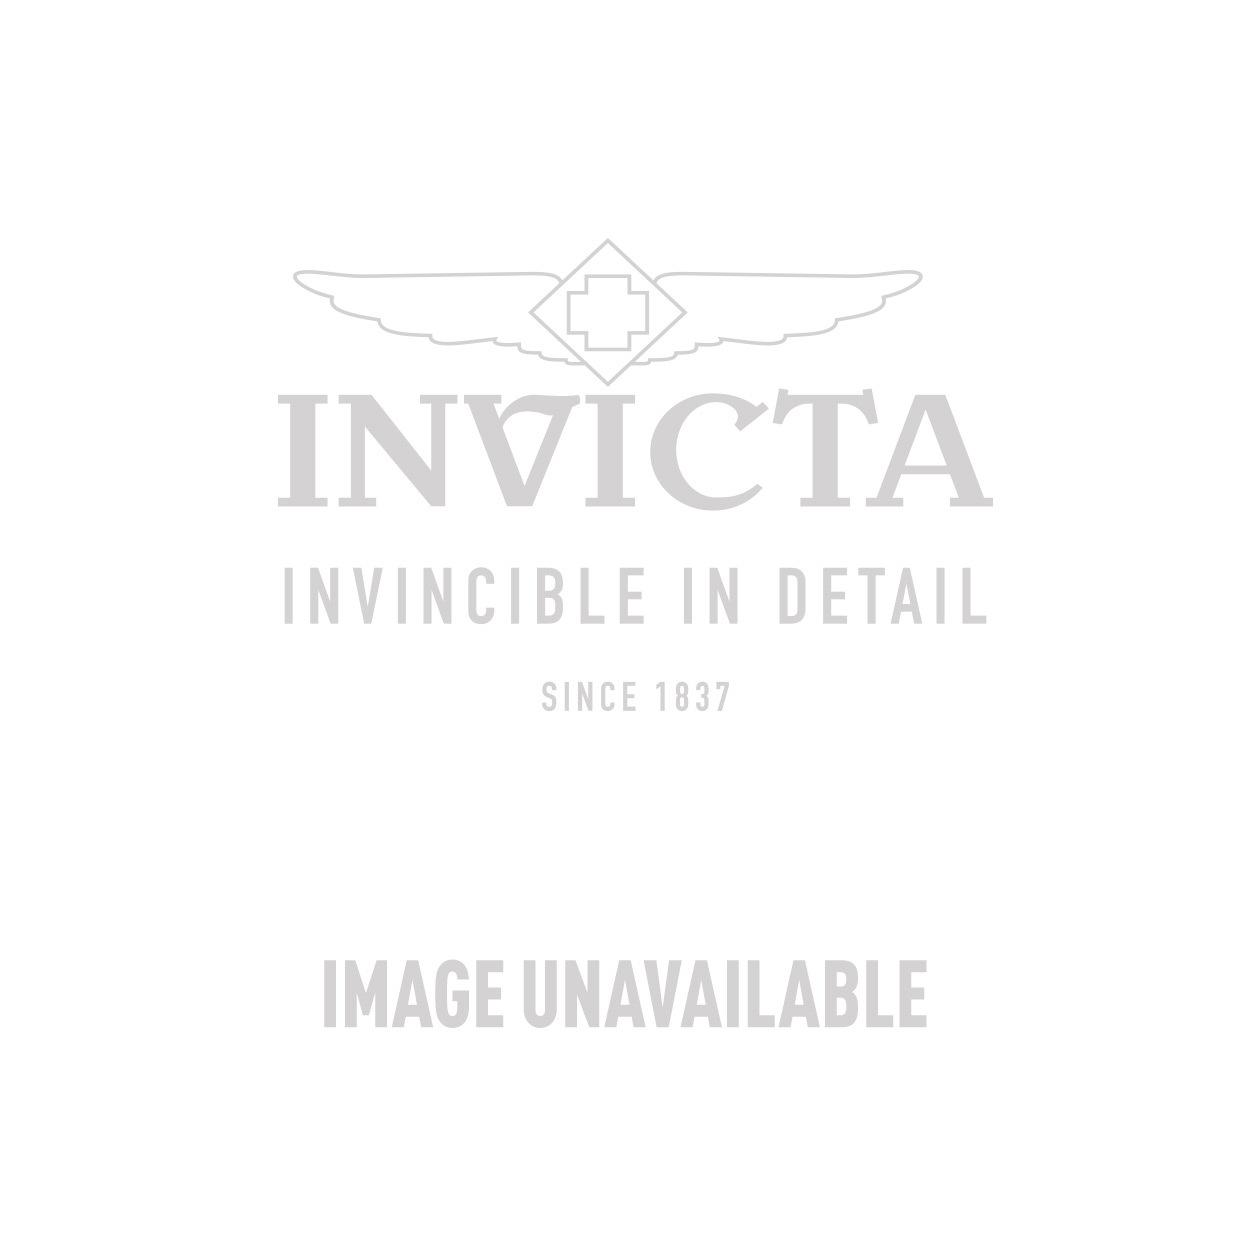 Invicta Model 22959